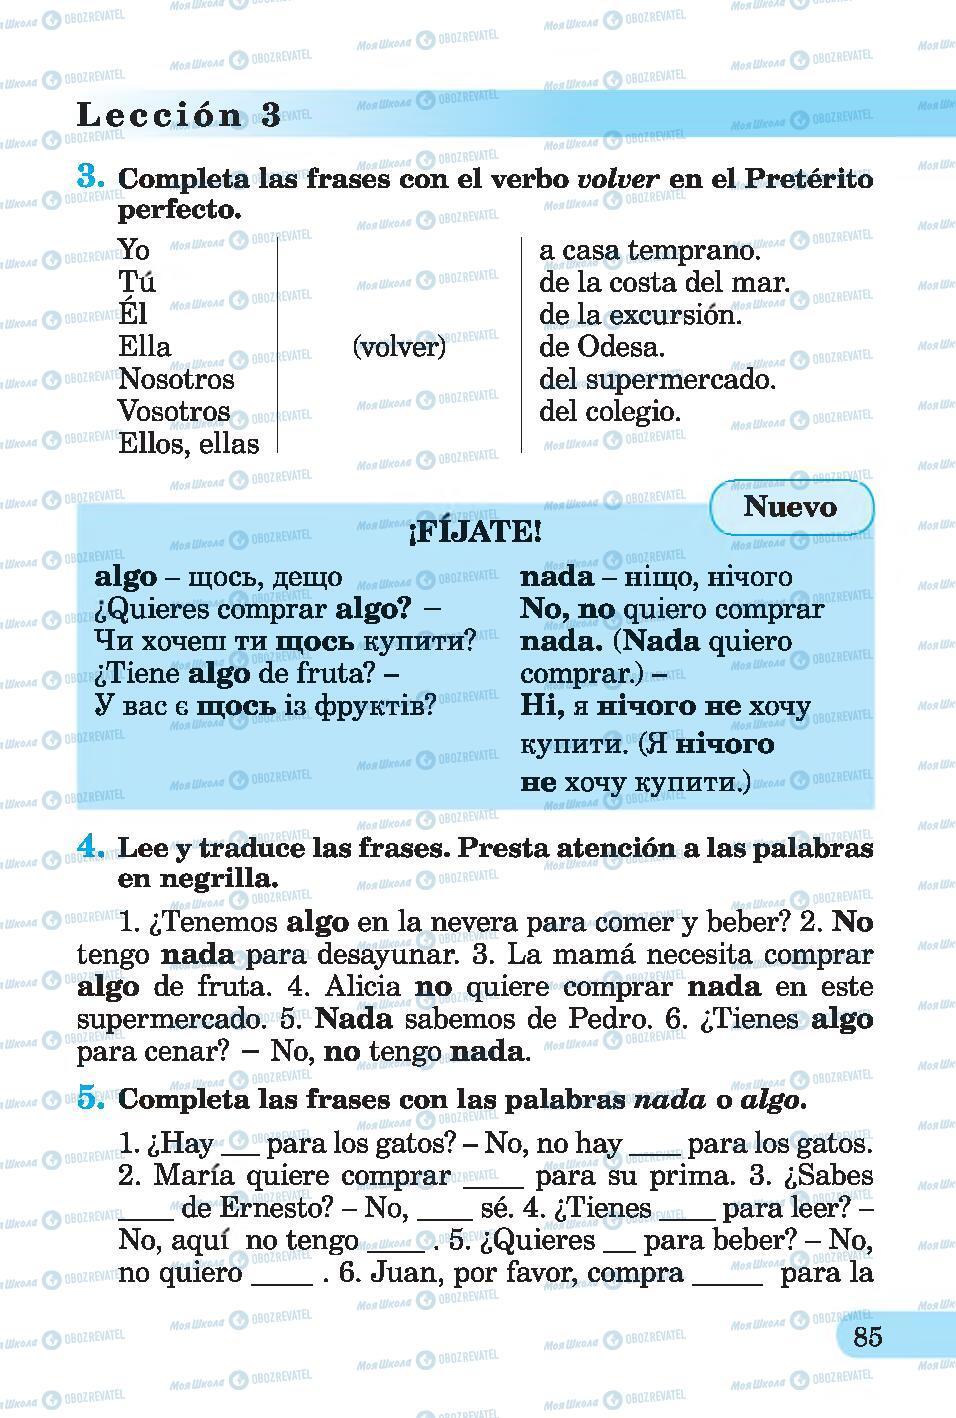 Підручники Іспанська мова 4 клас сторінка 85